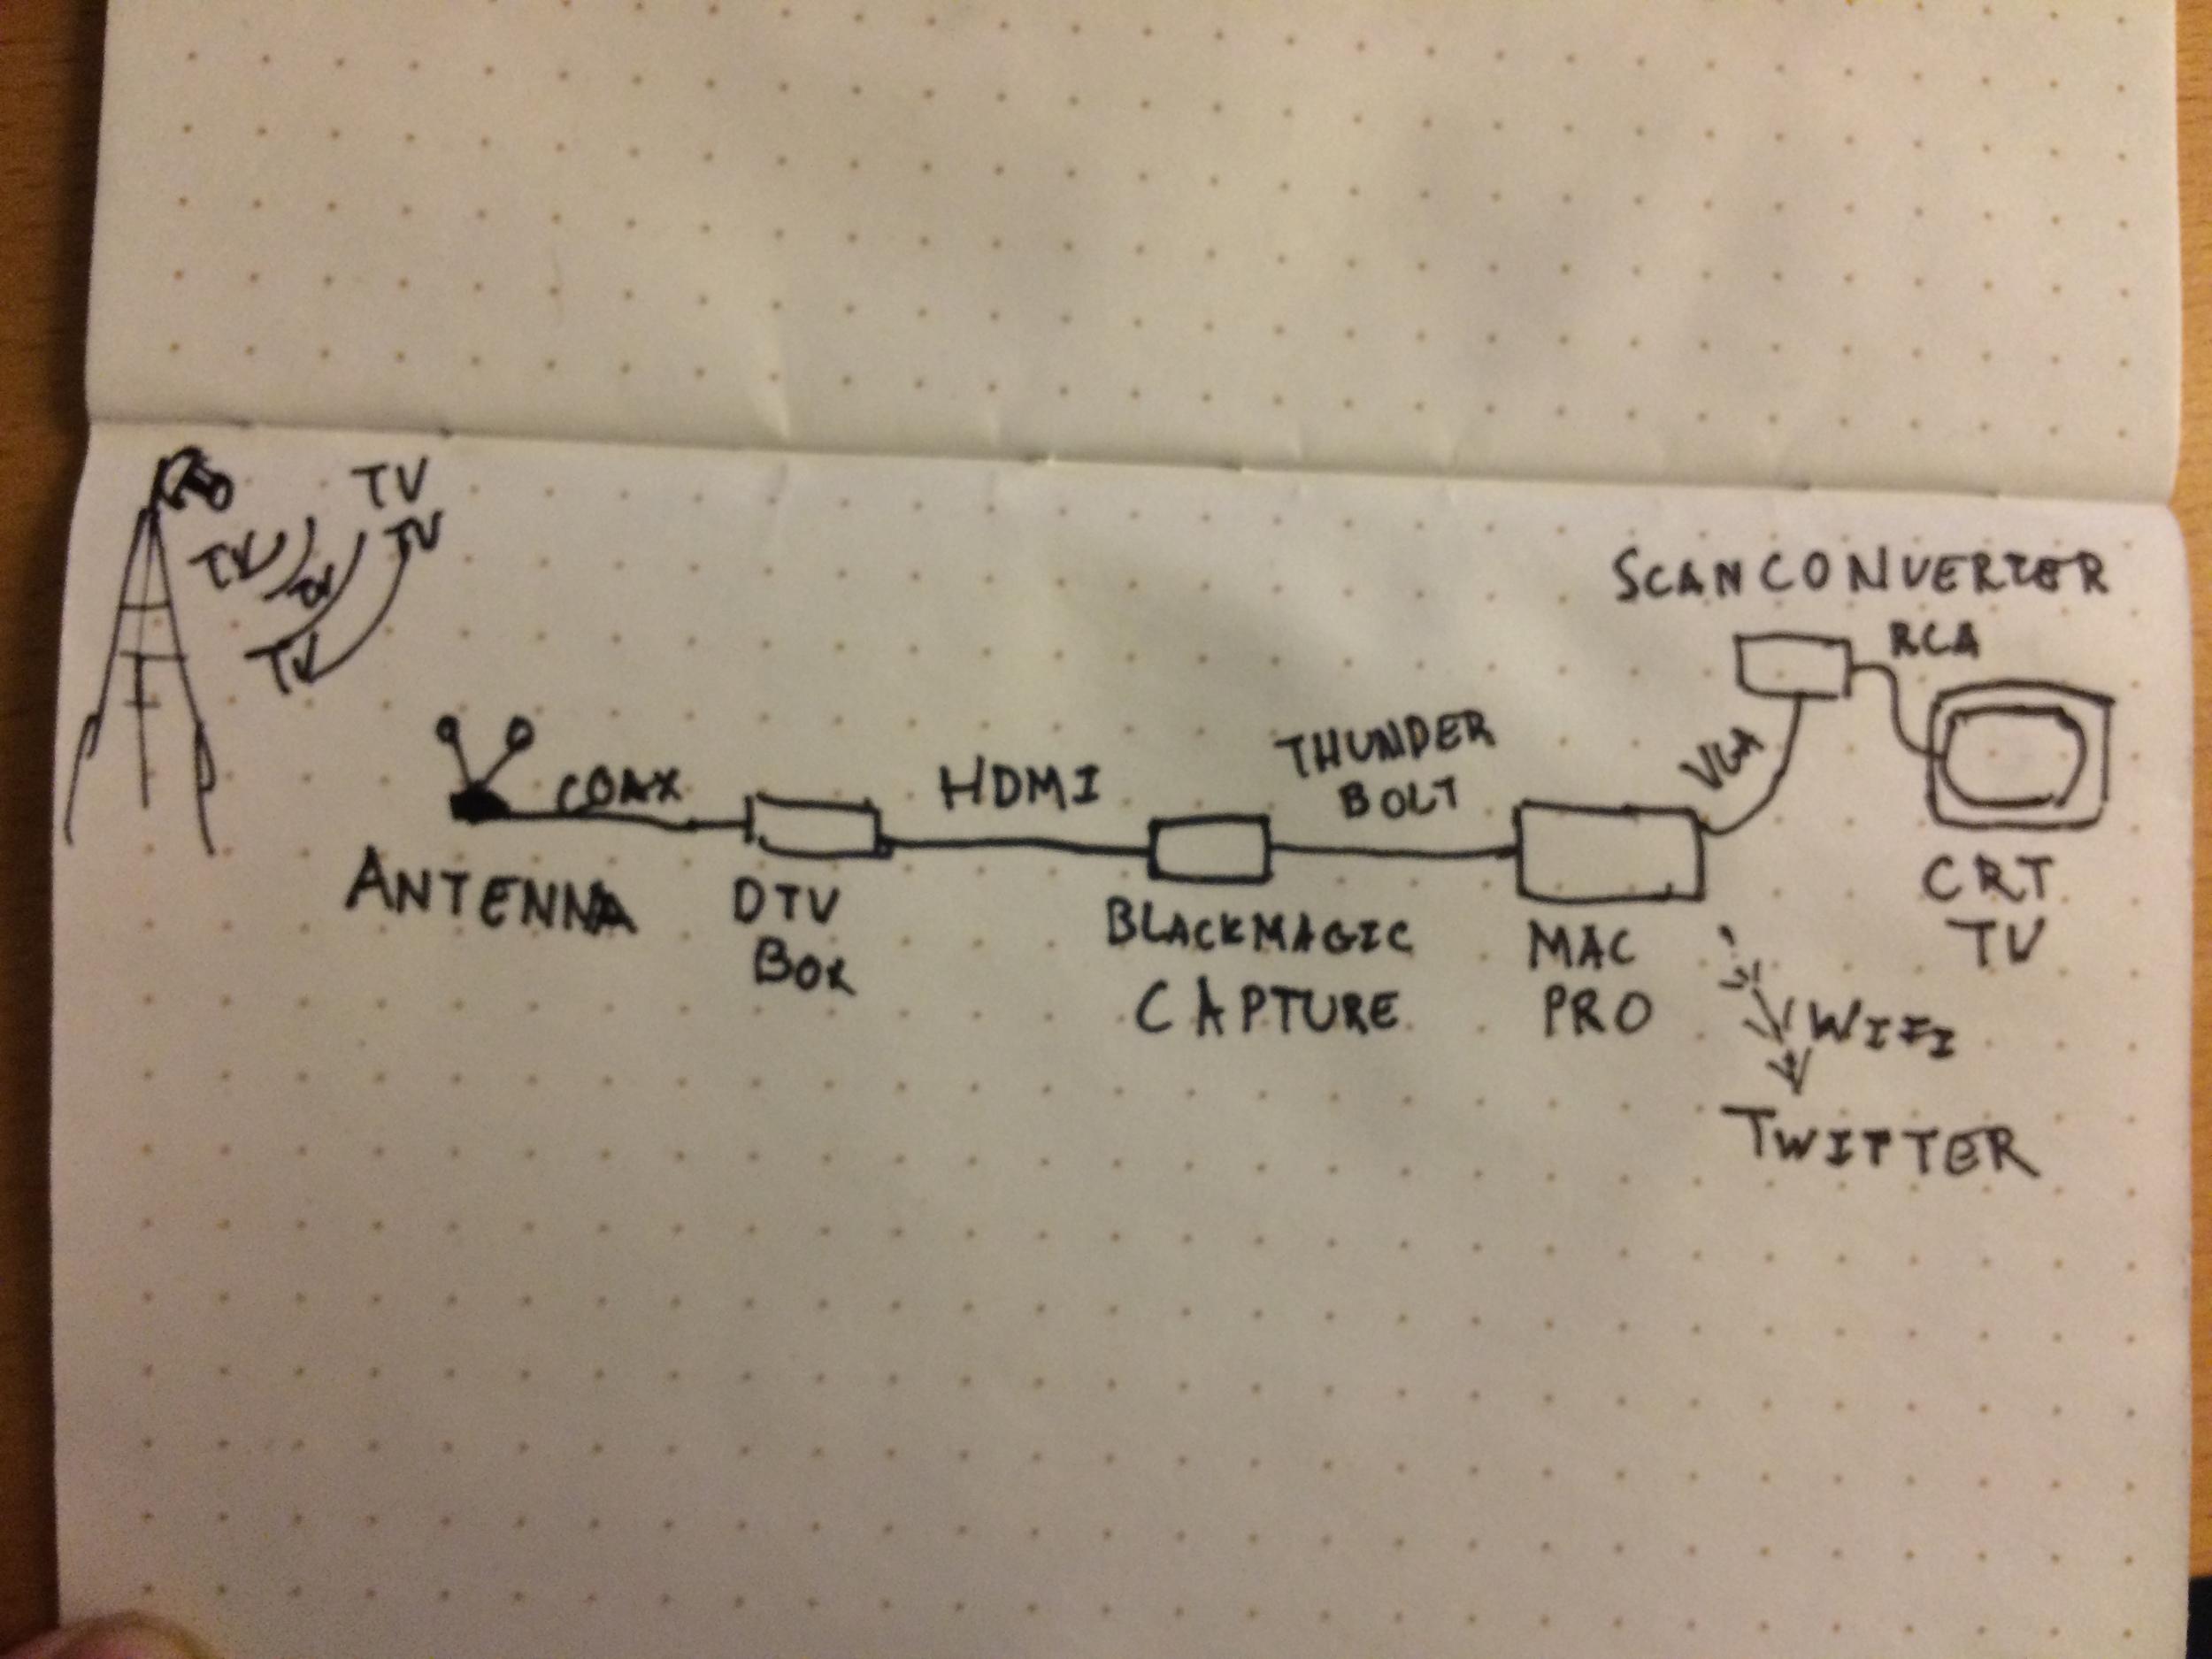 Signal path sketch.